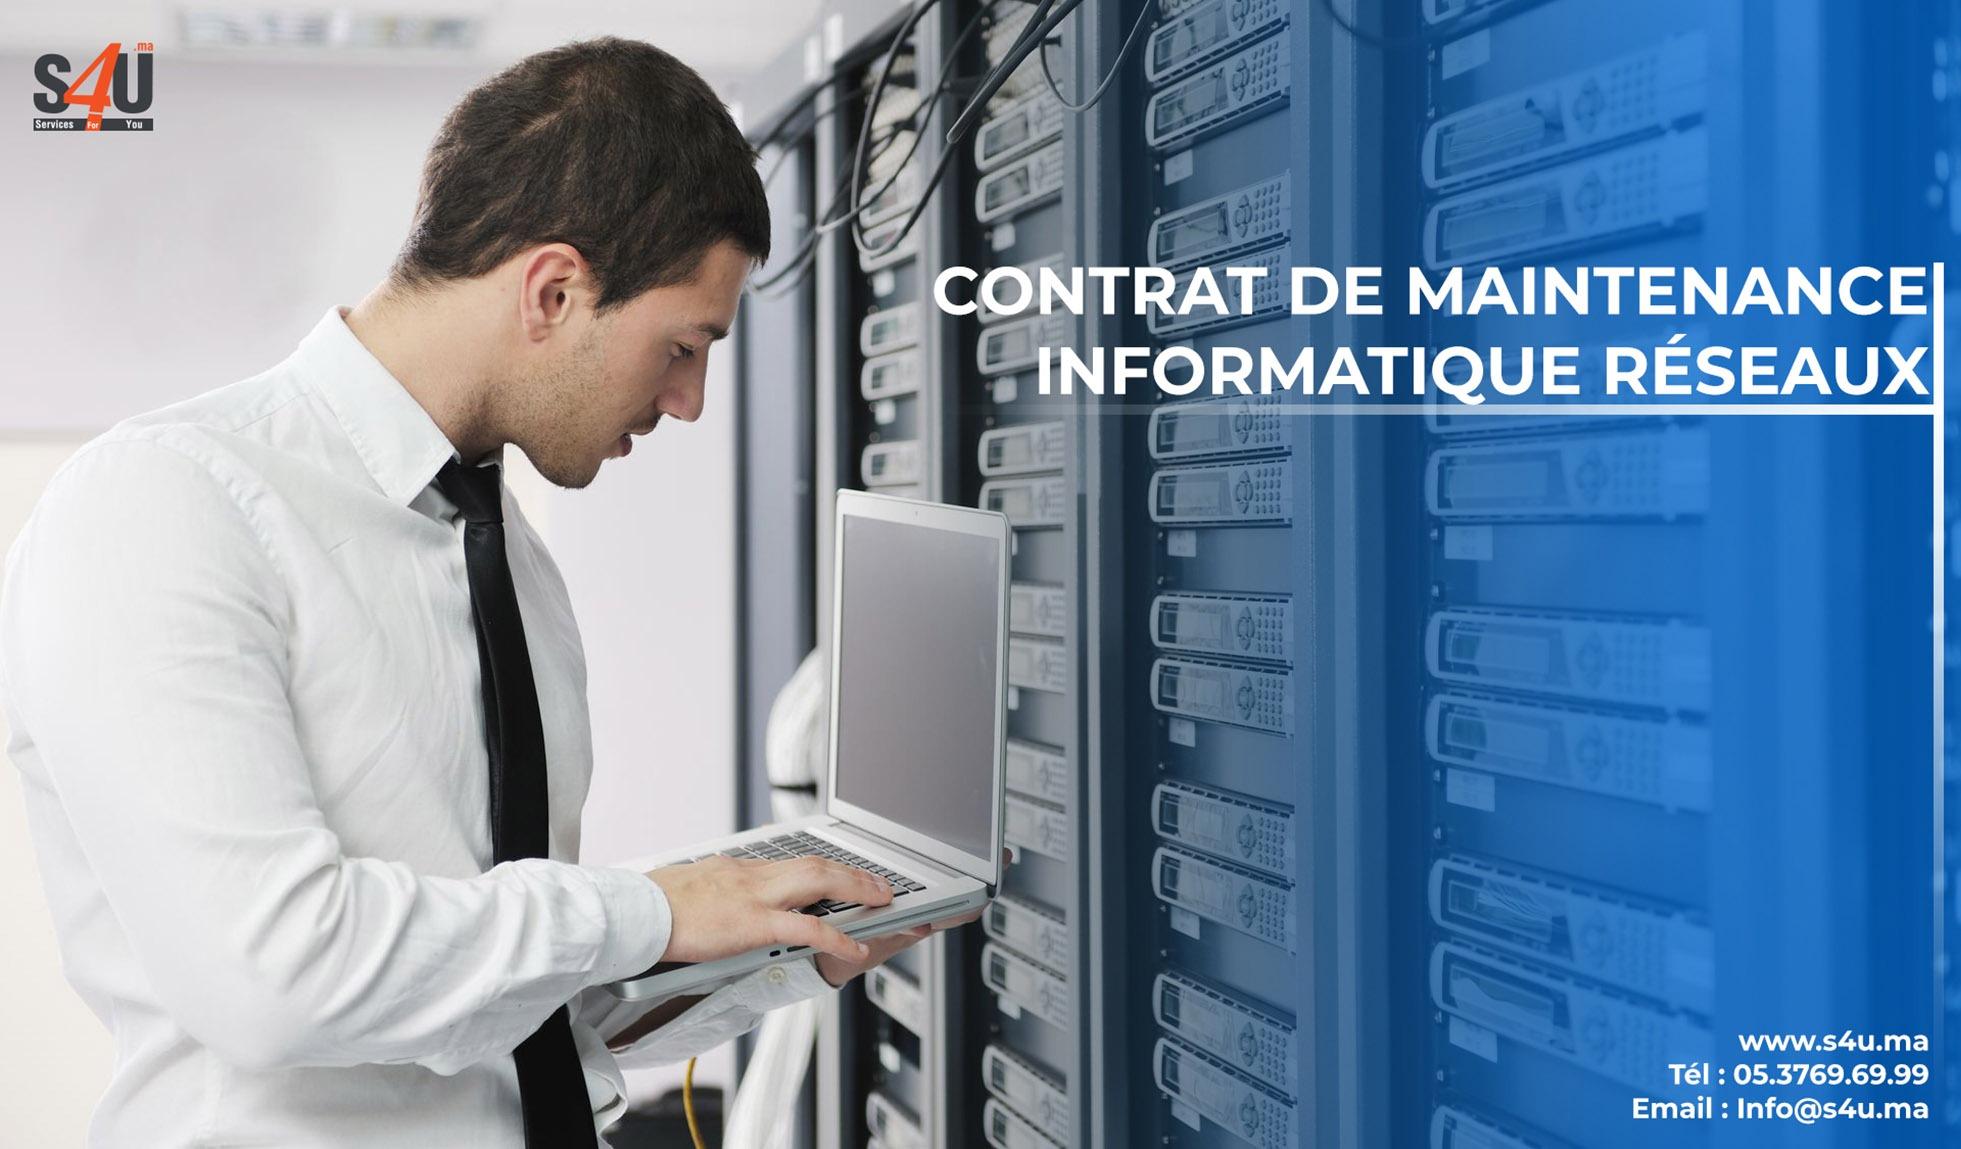 Contrat de maintenance informatique réseaux Rabat, Casablanca, Maroc